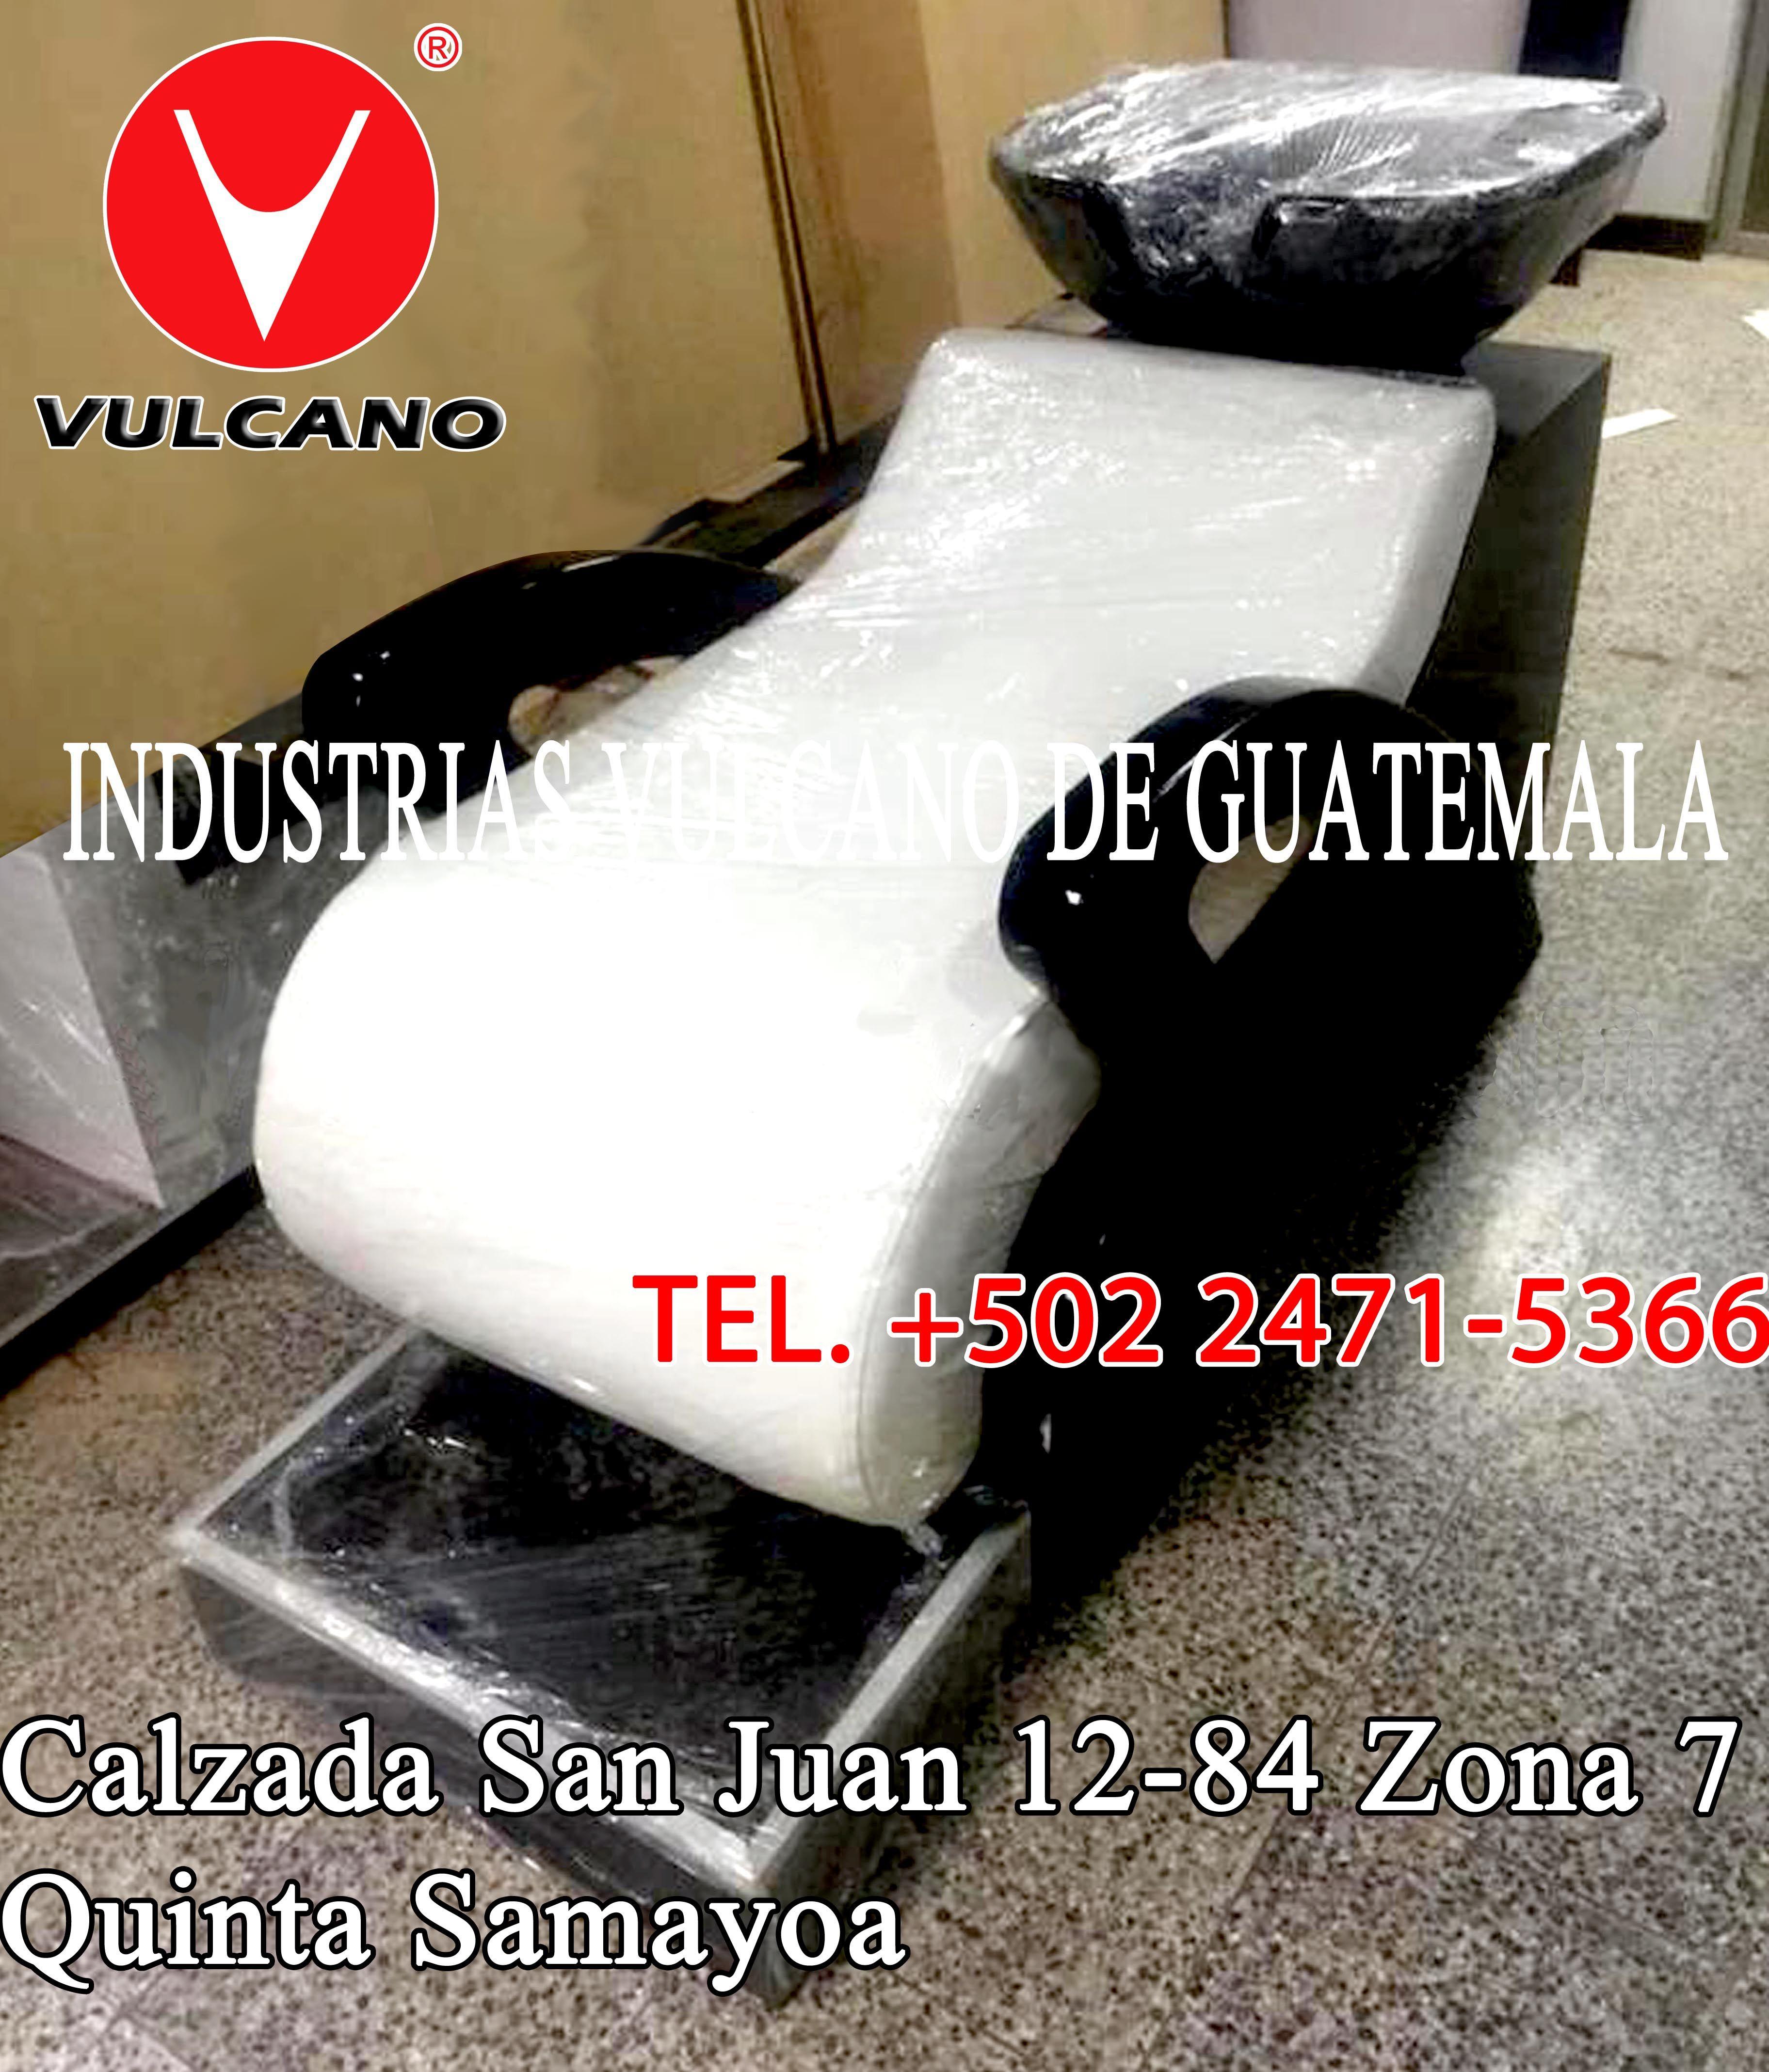 Pin en LAVACABEZAS VULCANO GUATEMALA